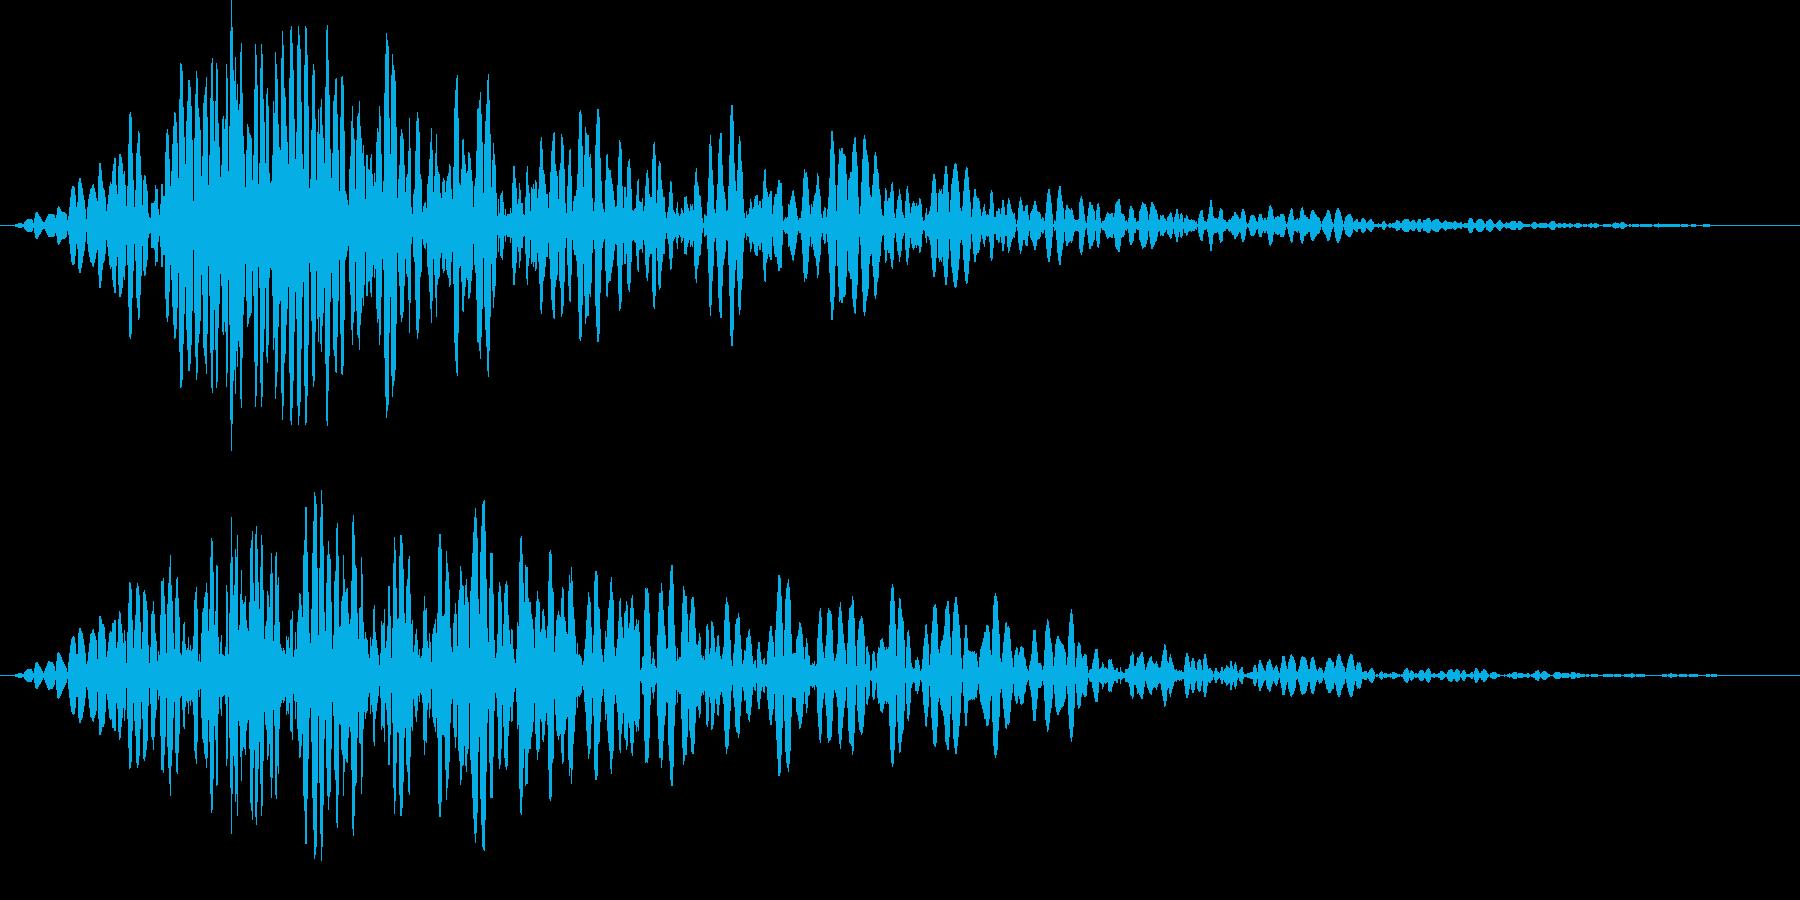 ドン(タイトル、予告等)の再生済みの波形